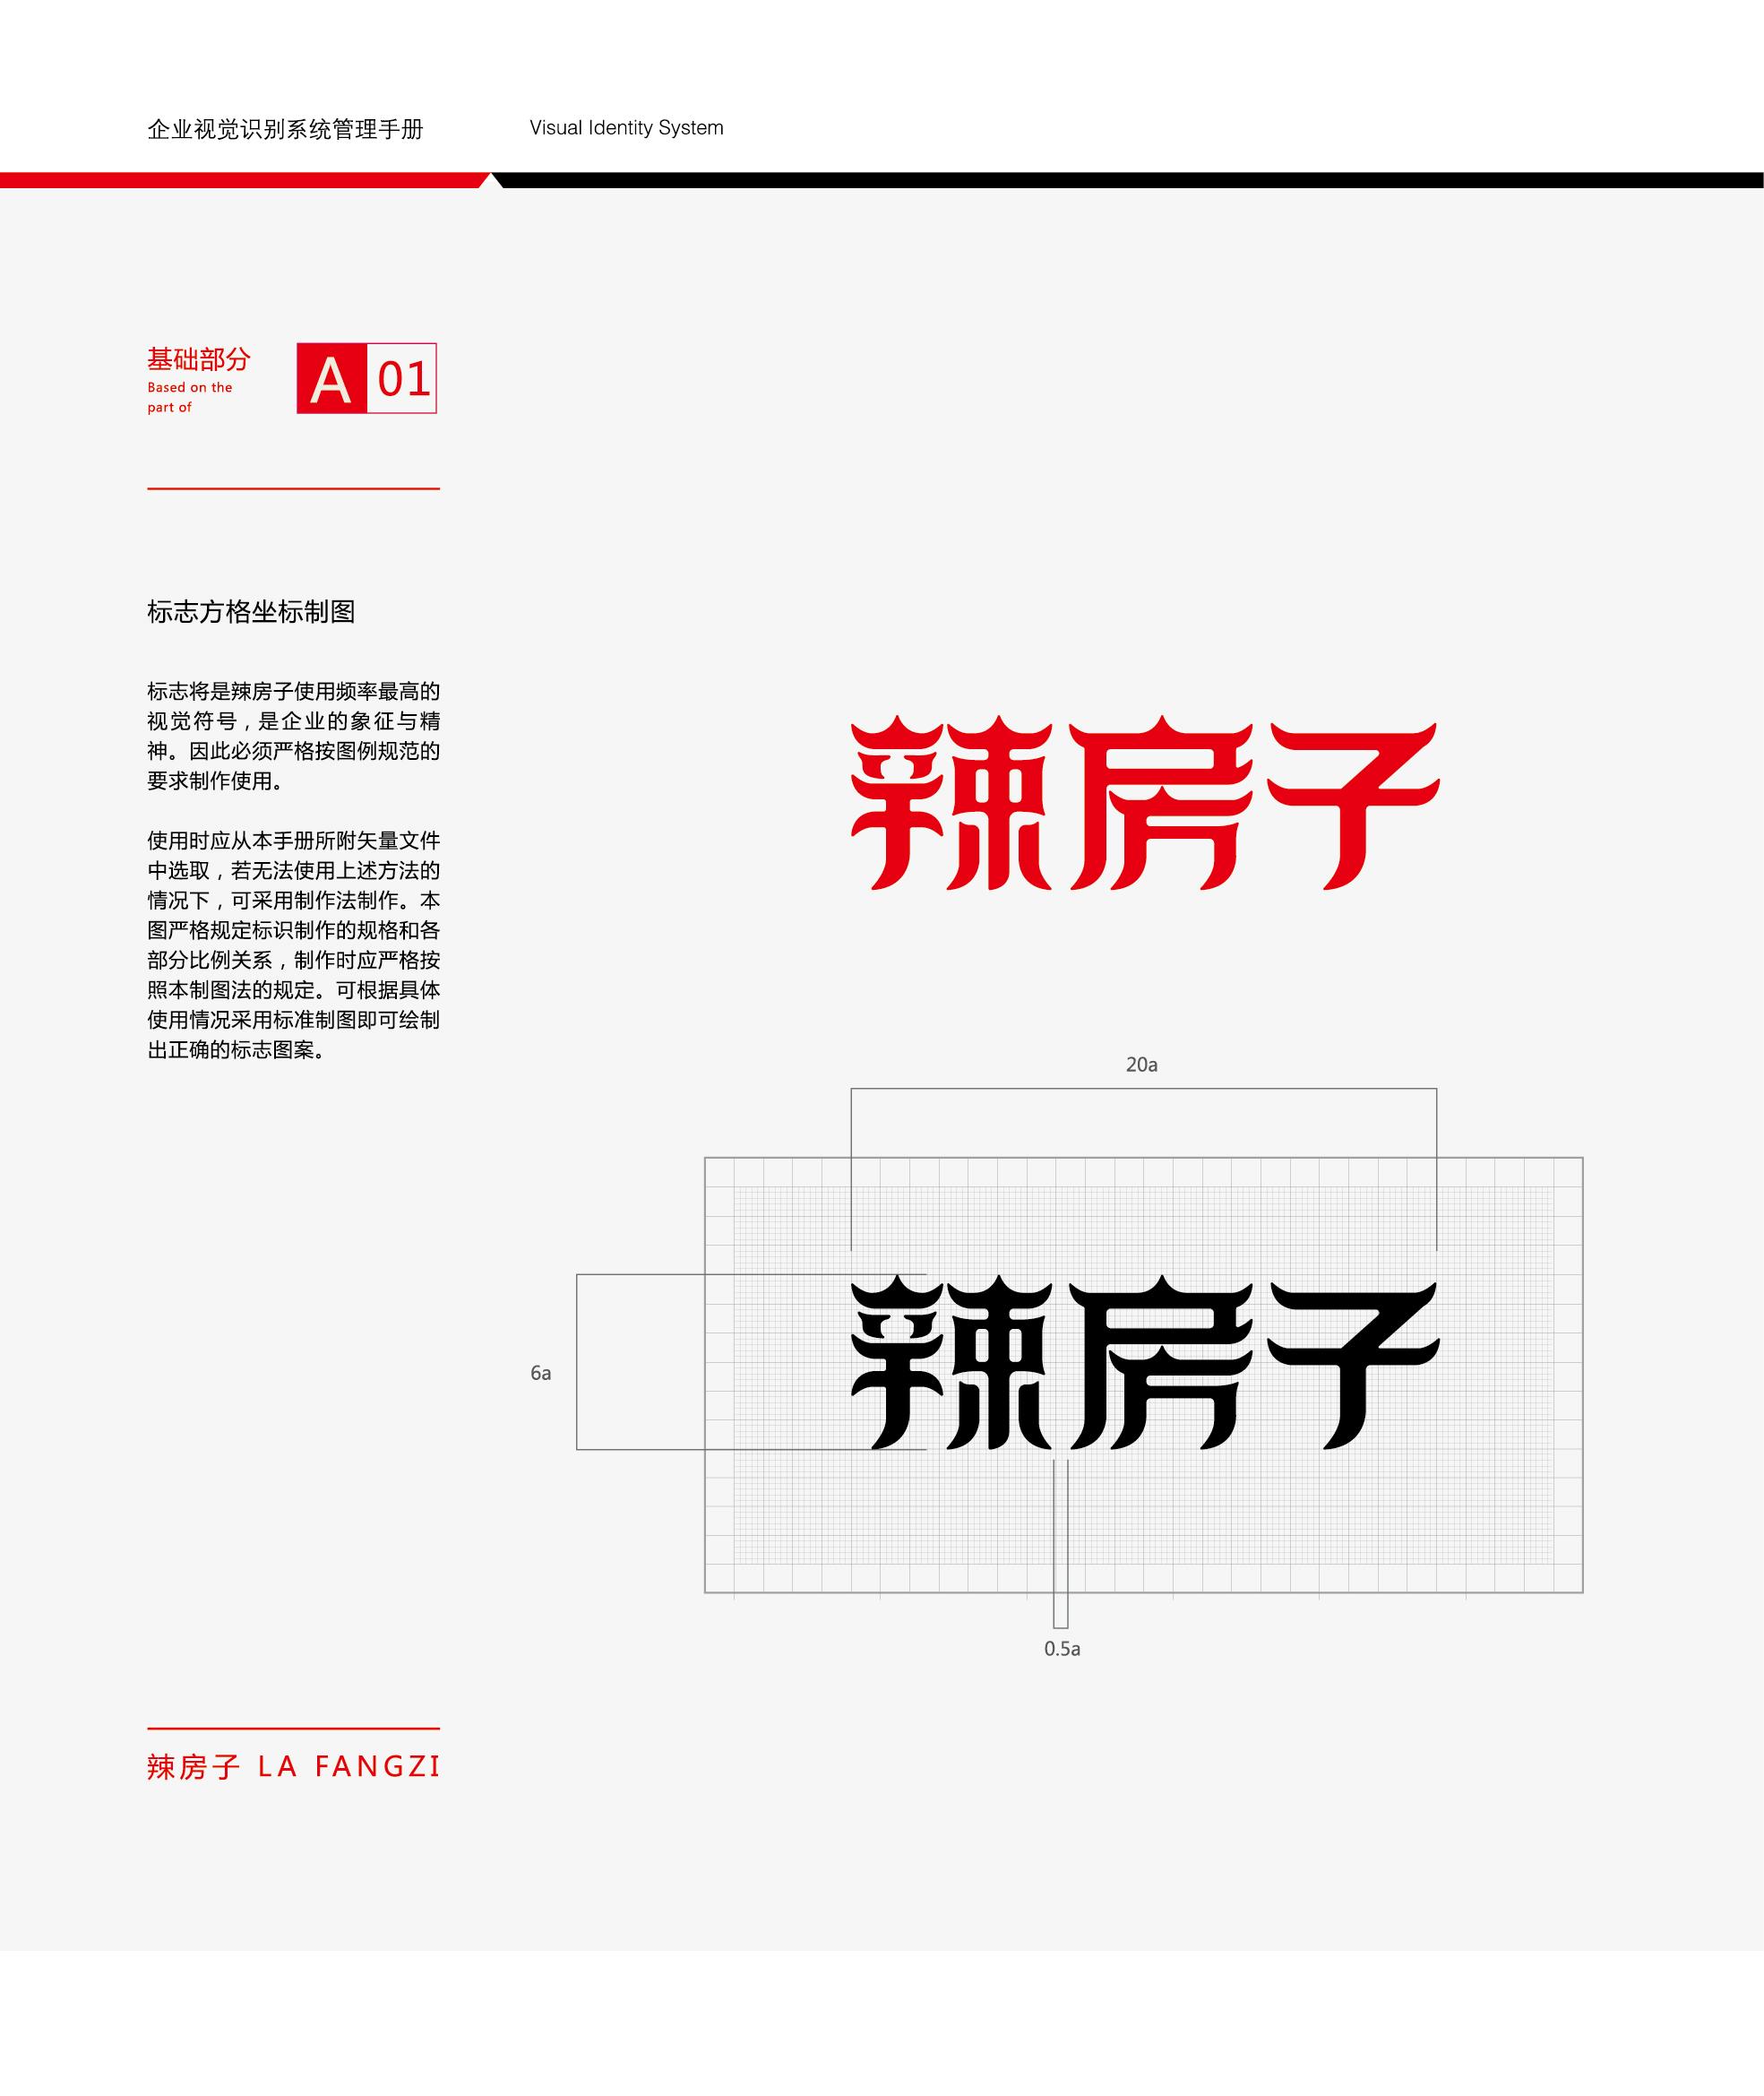 公司企业形象VI设计logo 20项基础部分 20项应用部分